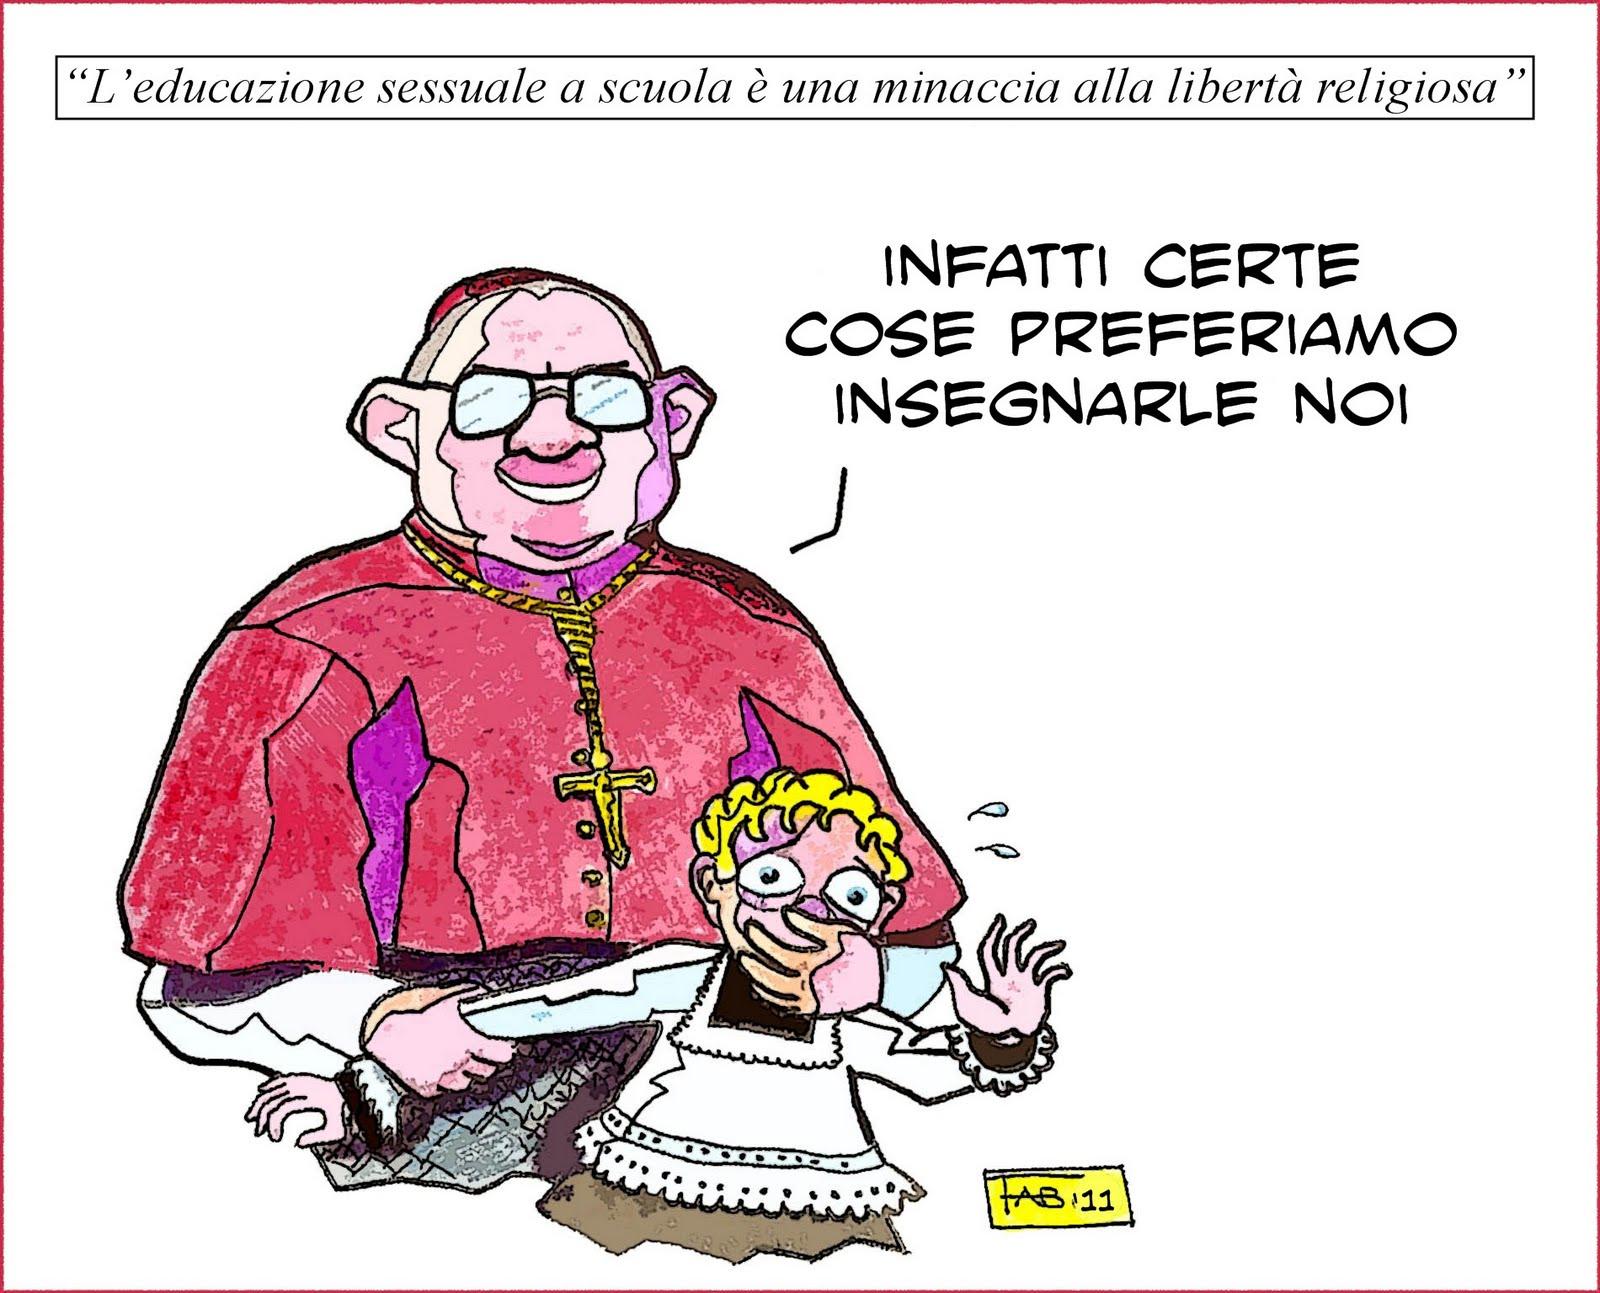 Dopo aver tuonato contro i preti pedofili ma senza aver espulso nessuno dopo aver pianto insieme alle vittime di pedofilia a Malta poi subito